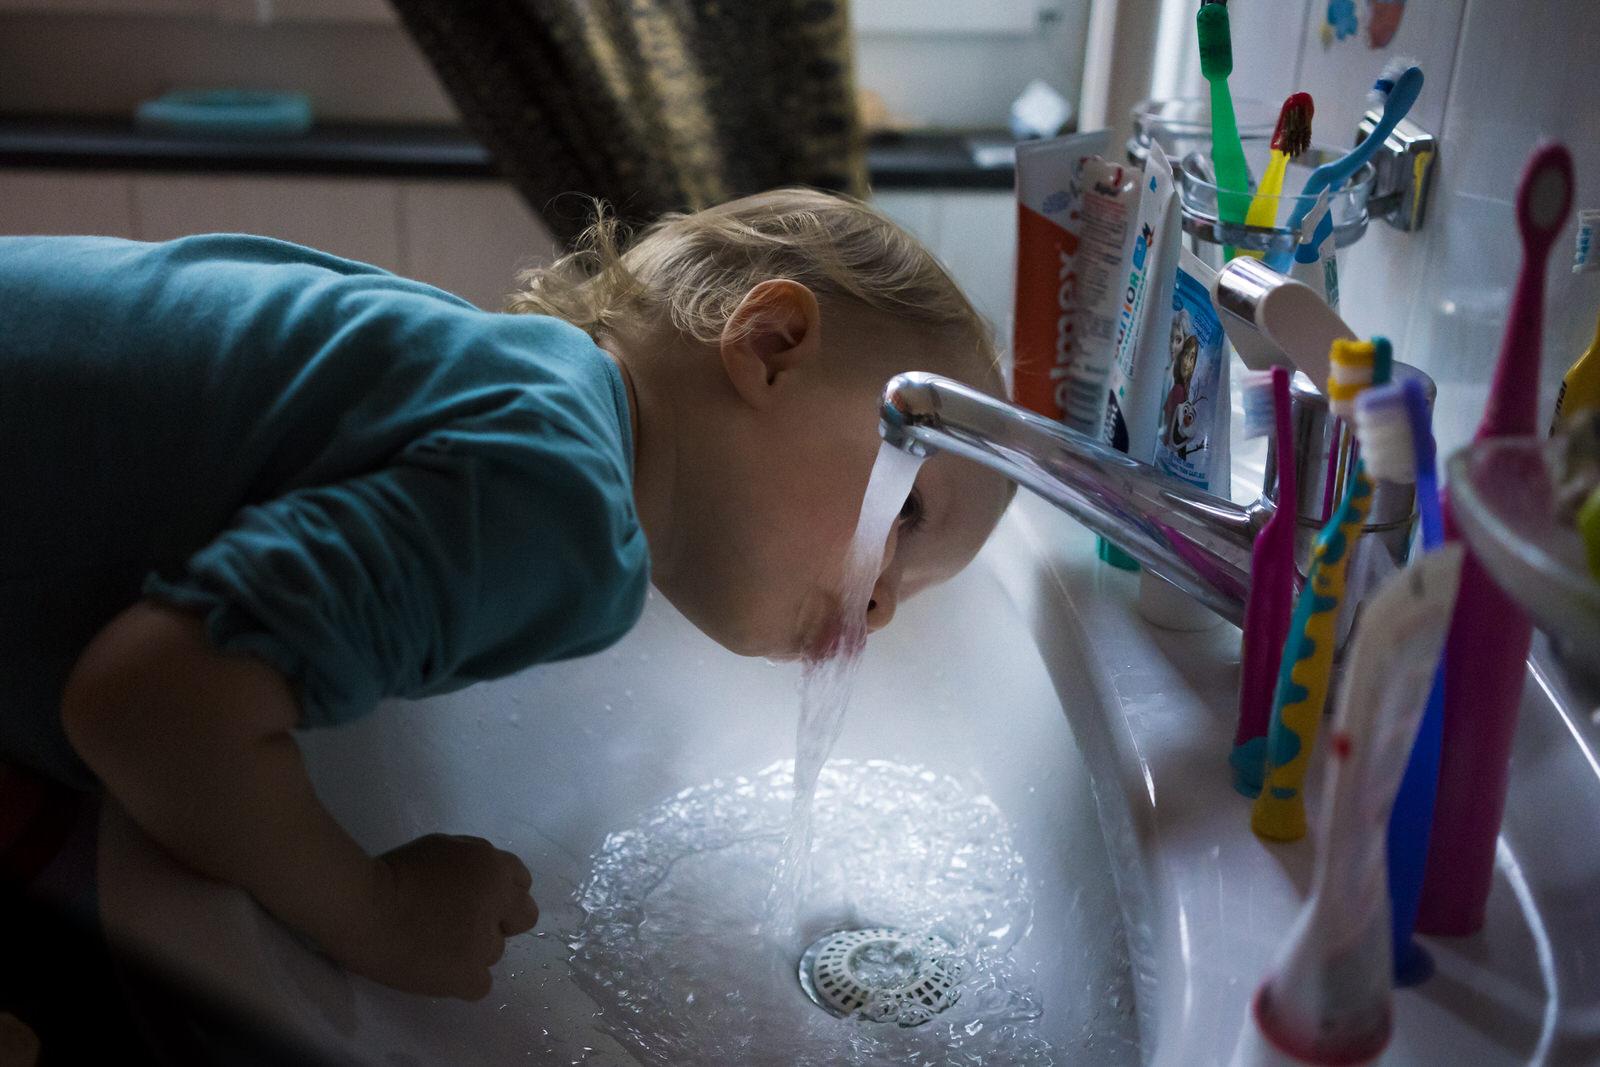 Kind am Wasserhahn | Familienfotografin Julia Erz zeigt Familienreportage